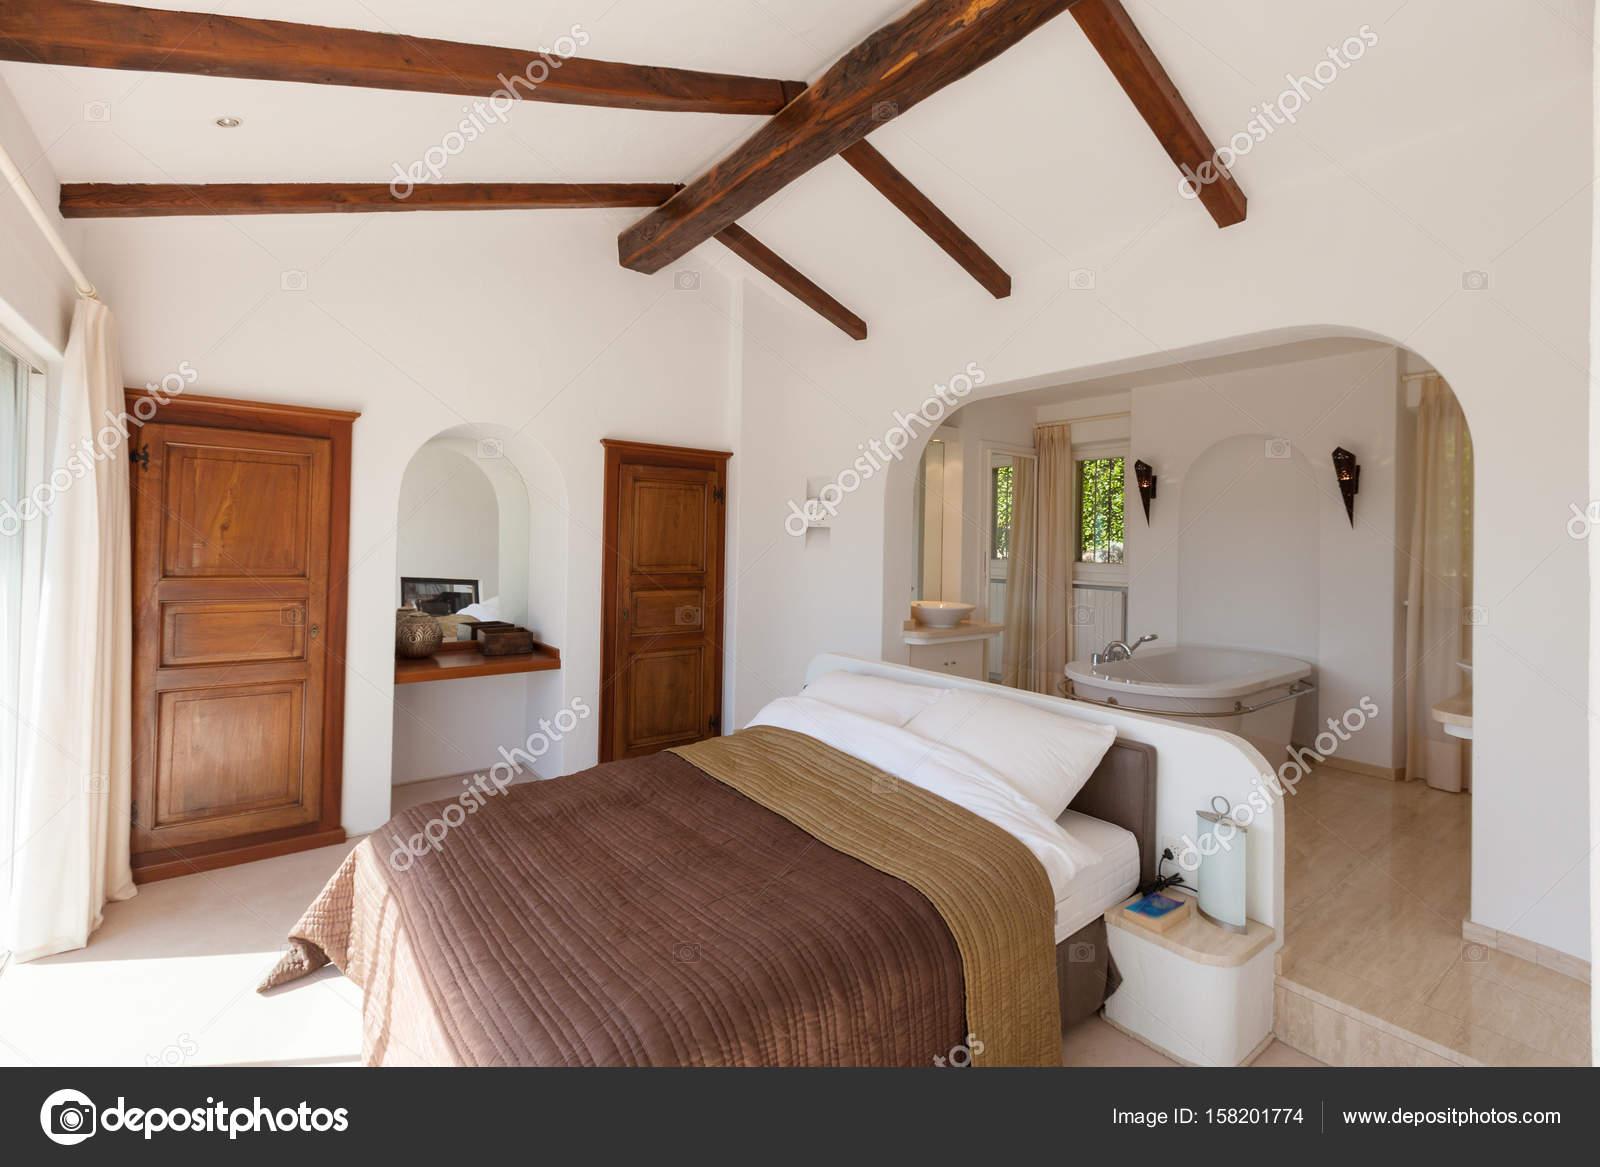 Vasca Da Bagno In Camera Da Letto : Design romantico con vasca nella camera da letto